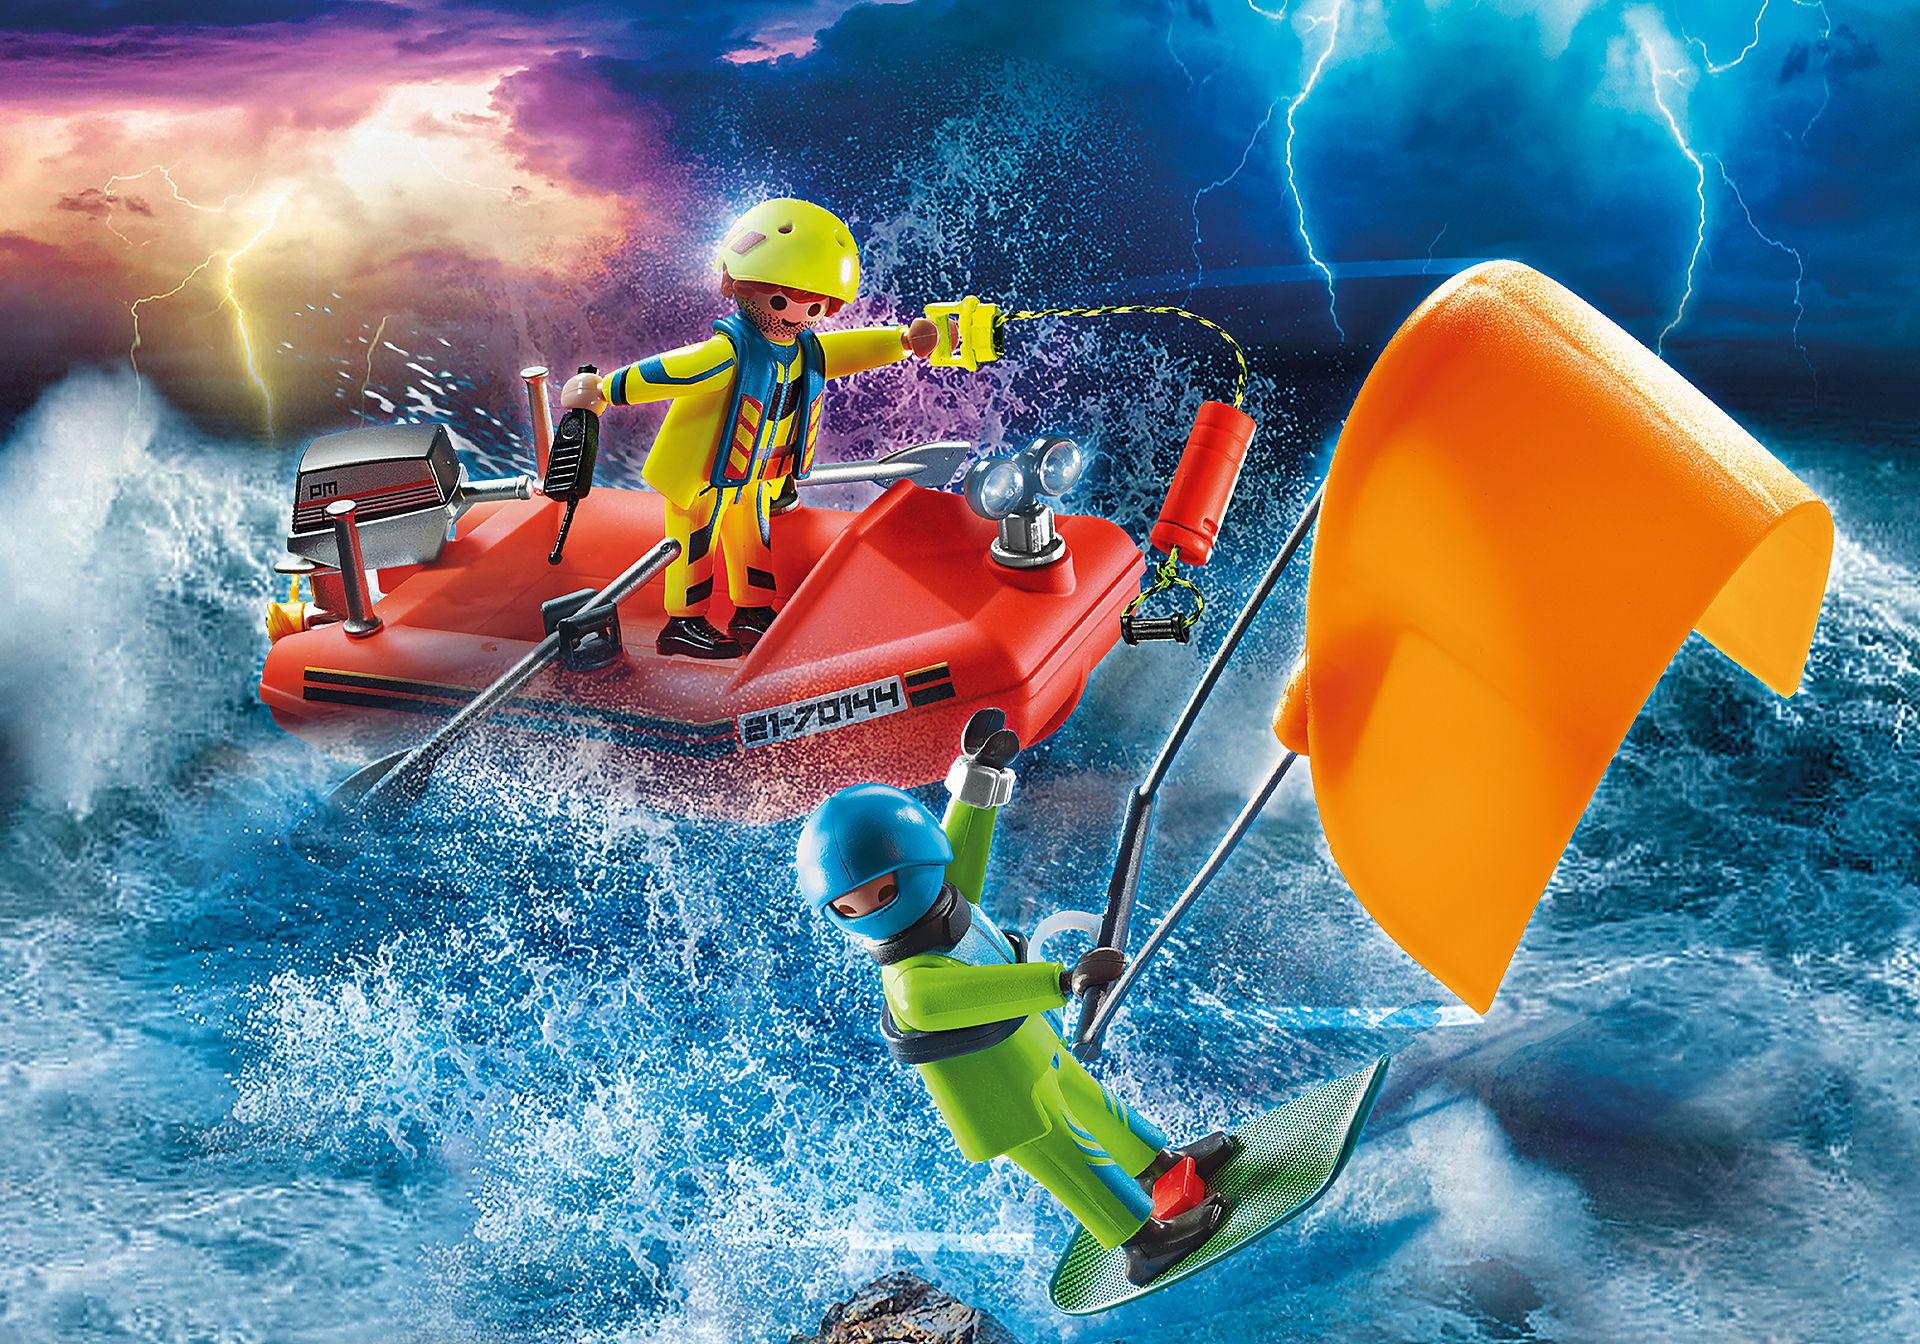 70144 Merihätä: Leijalautailijan pelastus veneellä zoom image1